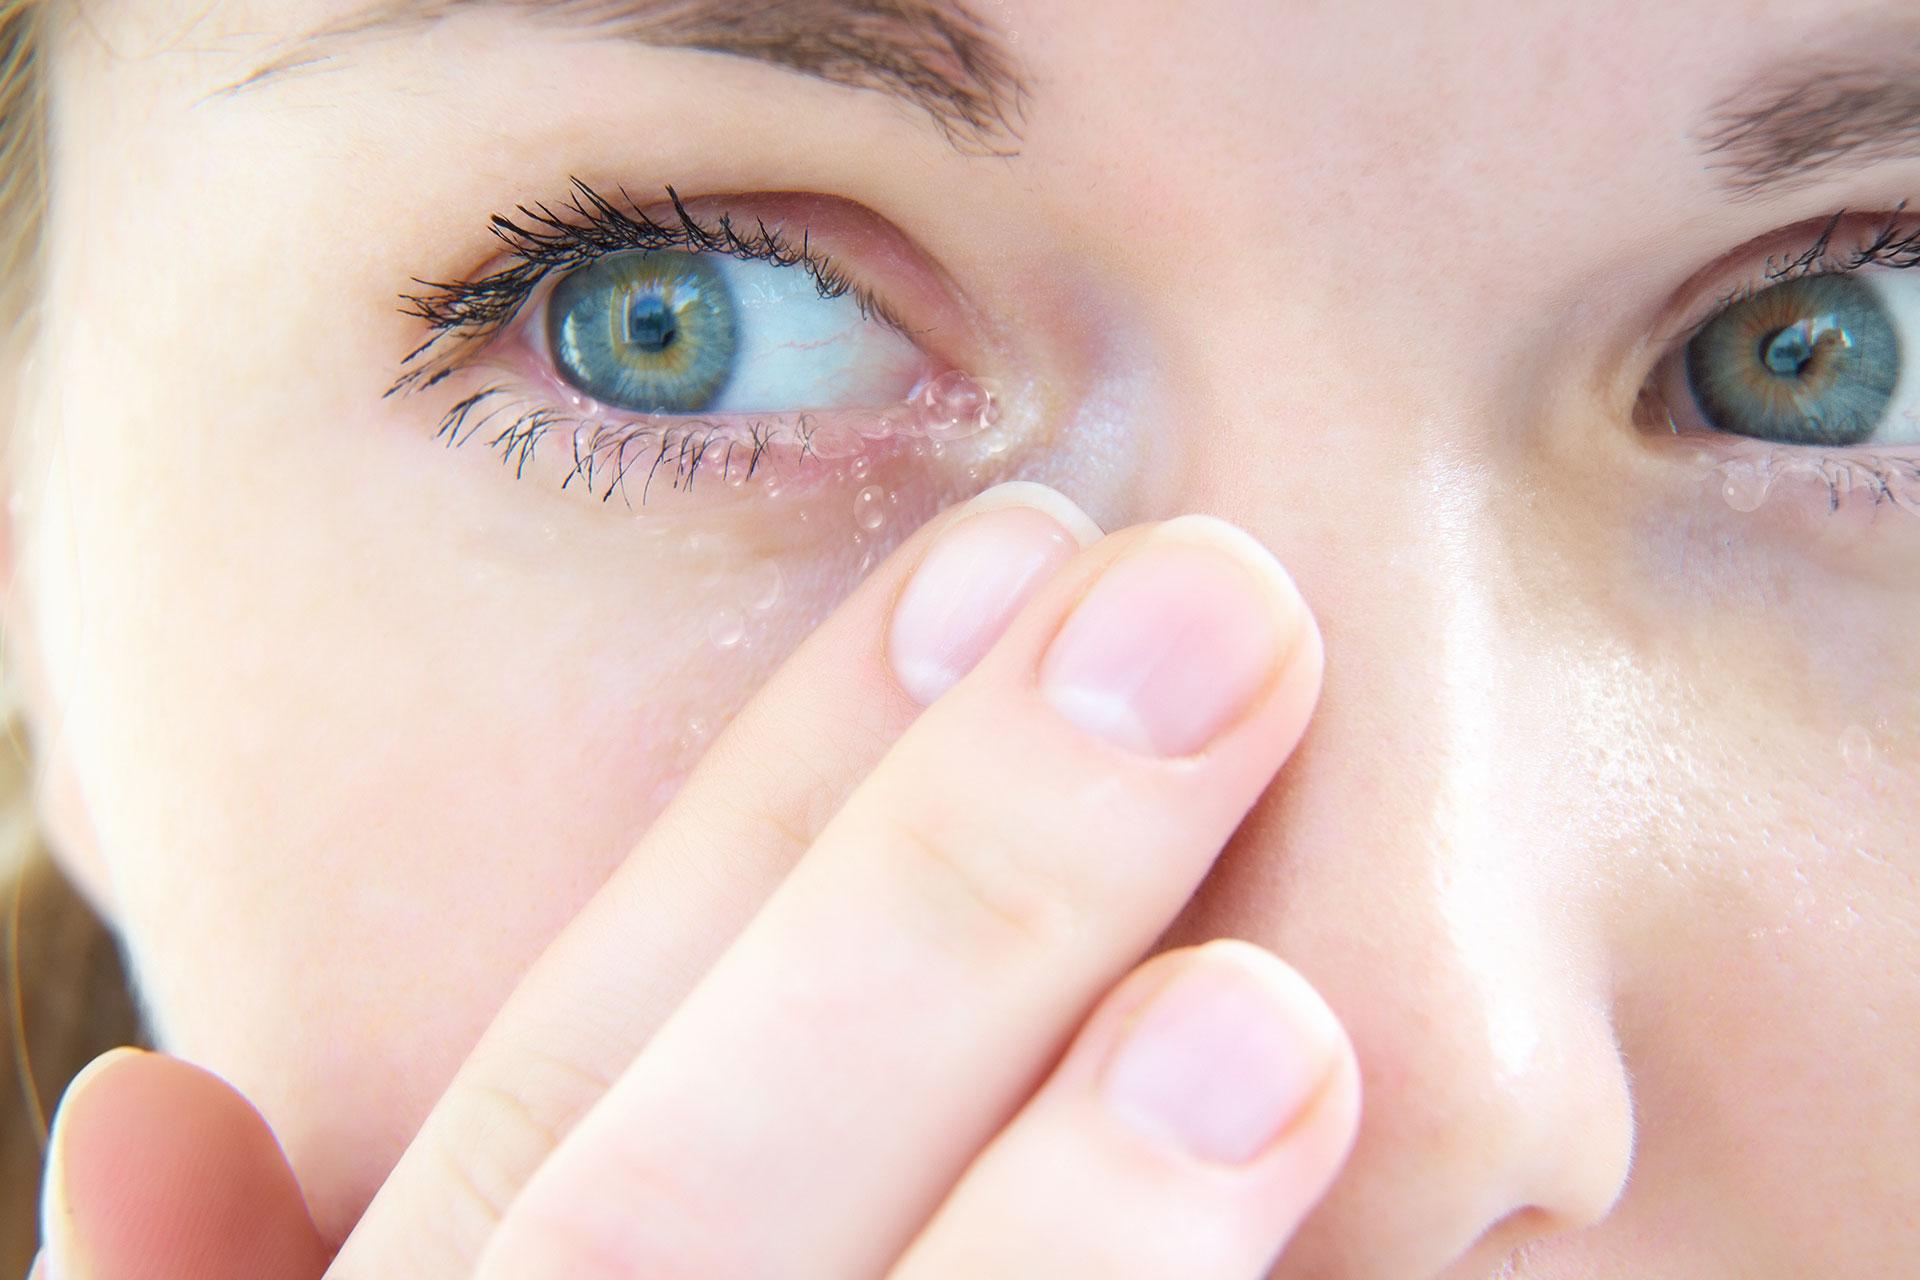 miopia severă este cât de mult viziune cu o nuanță roșie